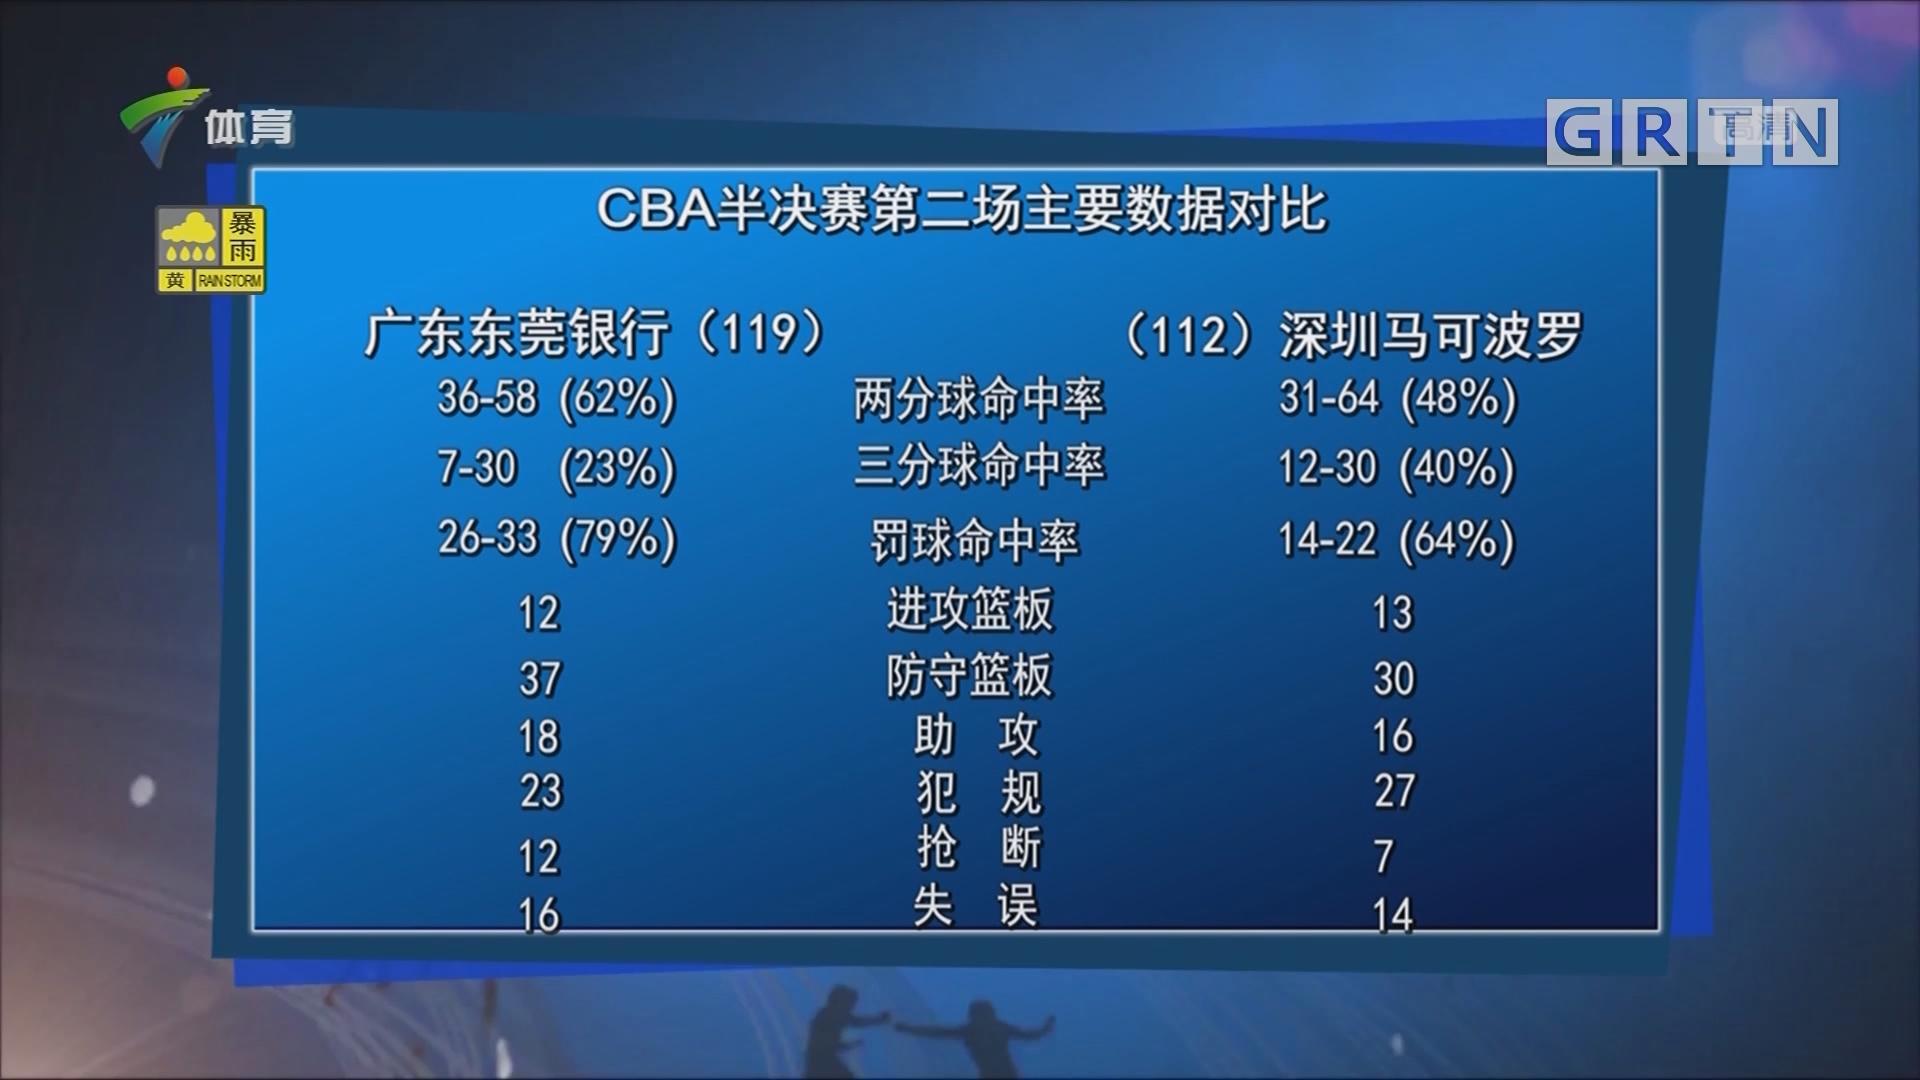 CBA半决赛第二场主要数据对比